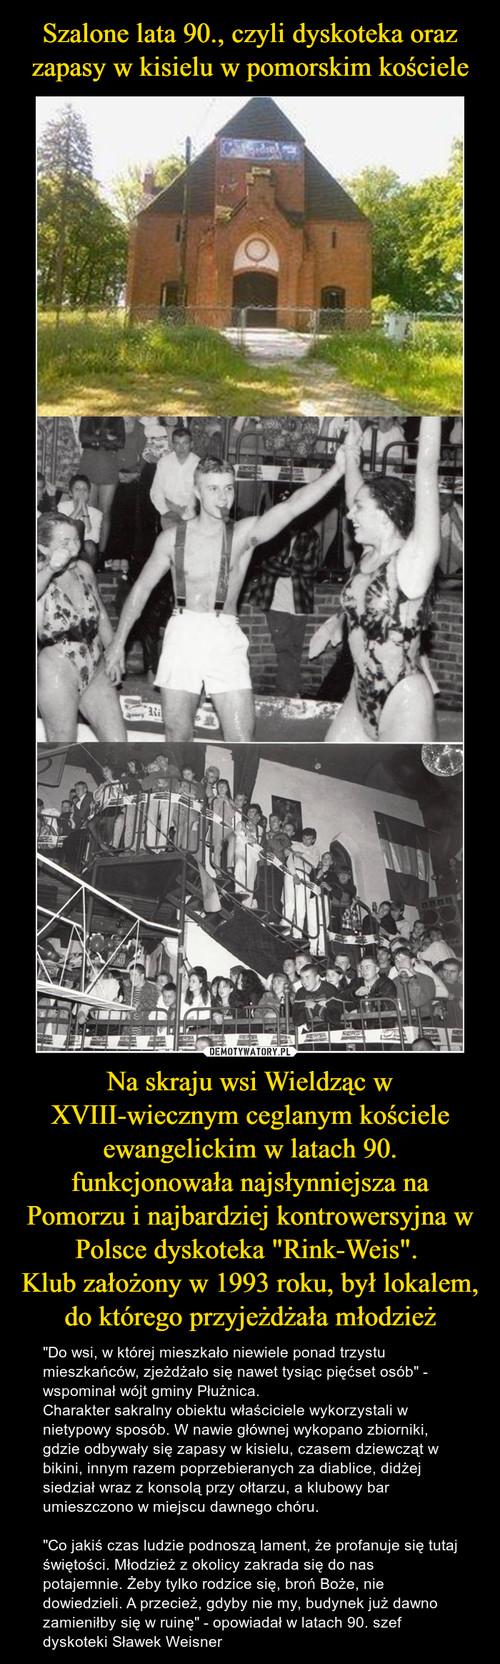 """Szalone lata 90., czyli dyskoteka oraz zapasy w kisielu w pomorskim kościele Na skraju wsi Wieldząc w XVIII-wiecznym ceglanym kościele ewangelickim w latach 90. funkcjonowała najsłynniejsza na Pomorzu i najbardziej kontrowersyjna w Polsce dyskoteka """"Rink-Weis"""".  Klub założony w 1993 roku, był lokalem, do którego przyjeżdżała młodzież"""